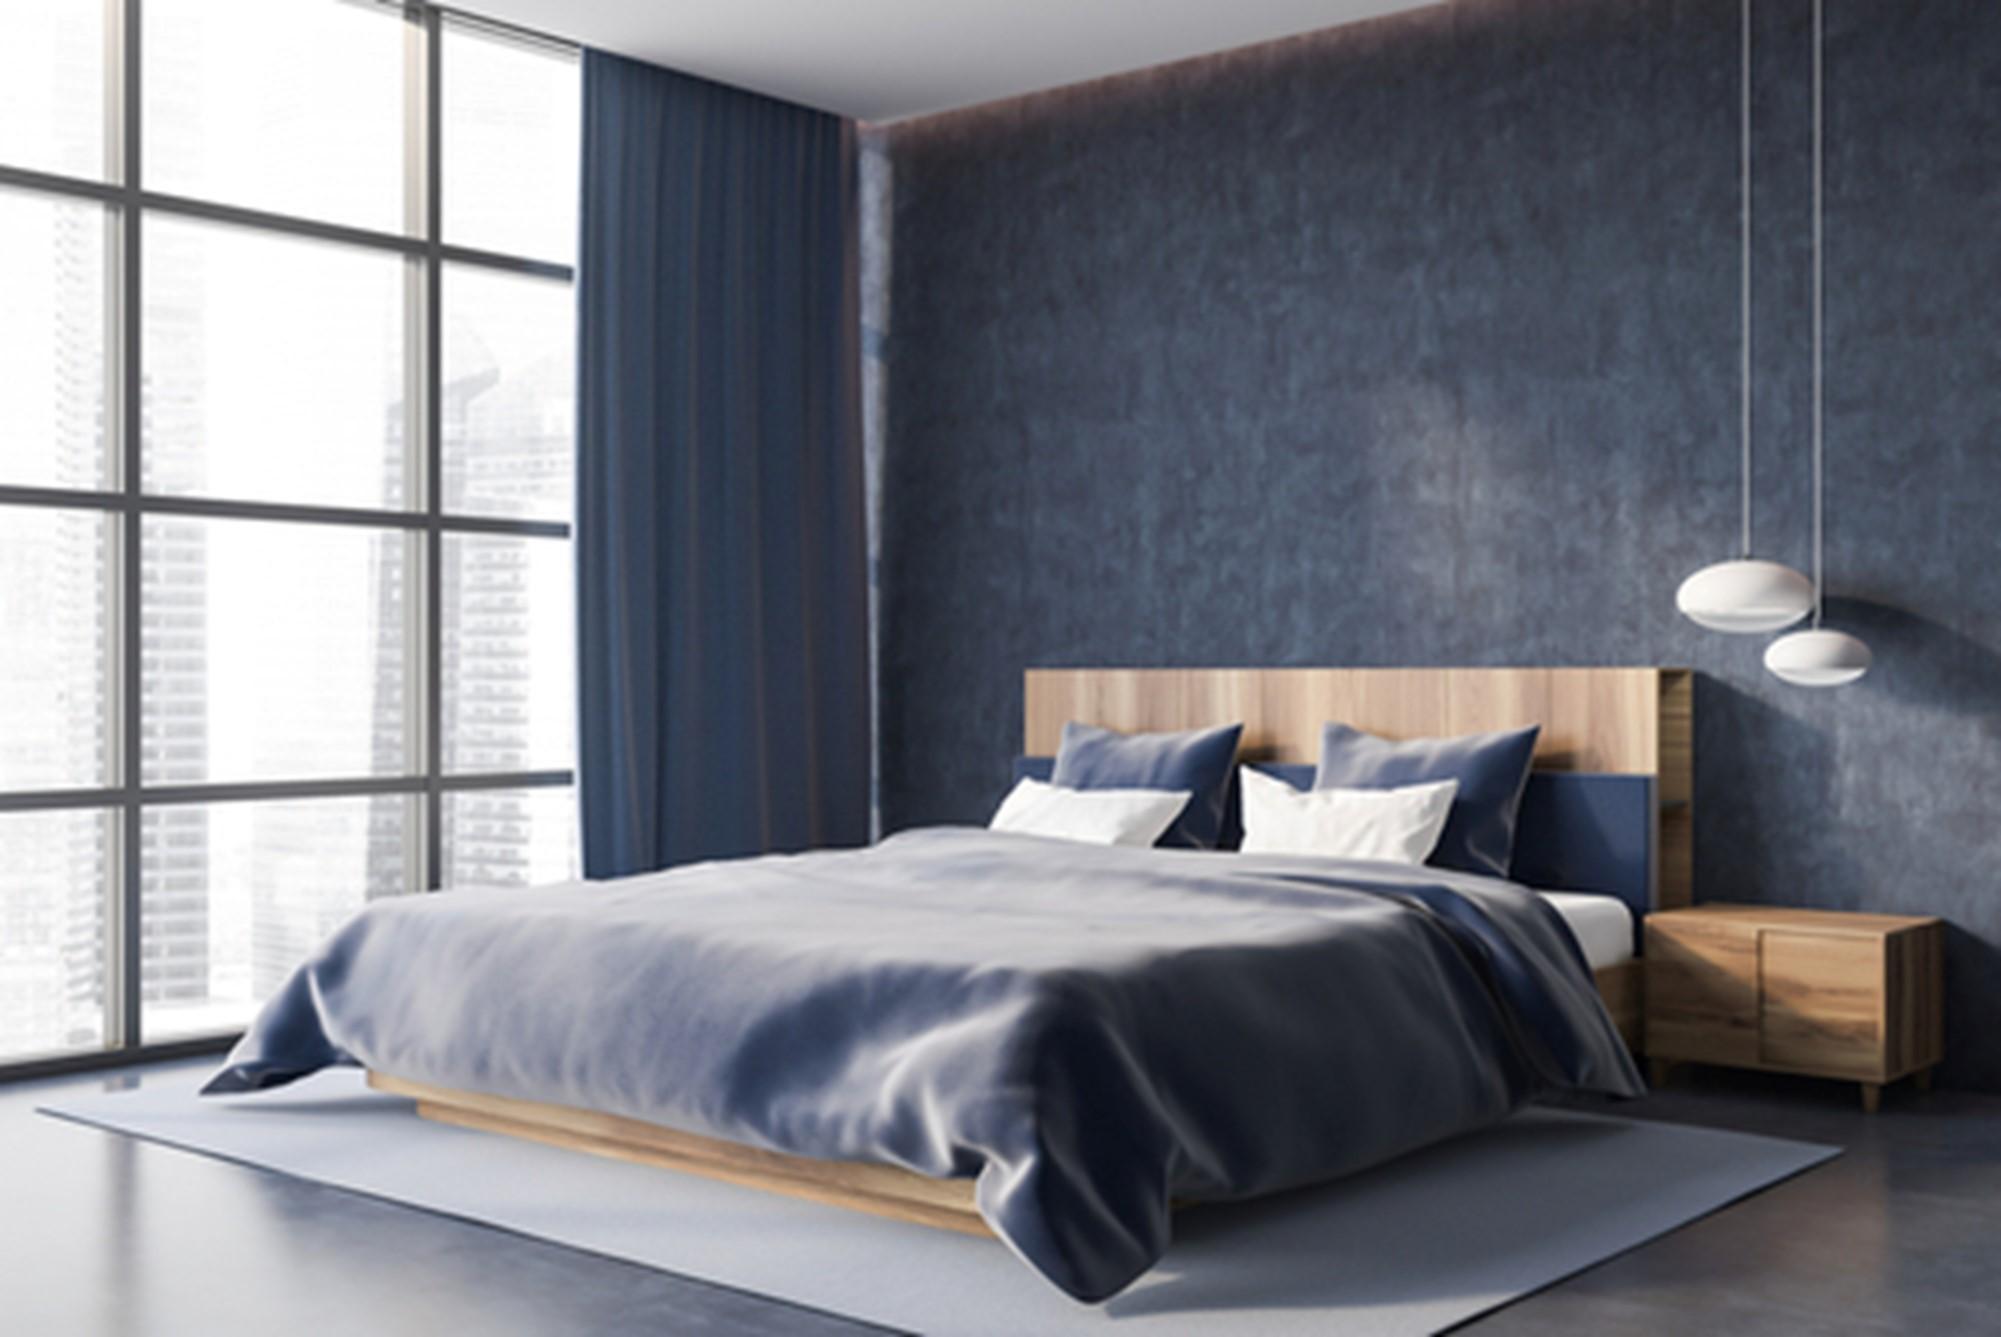 Kies met deze stappen het juiste formaat bed #bed #slaapkamer